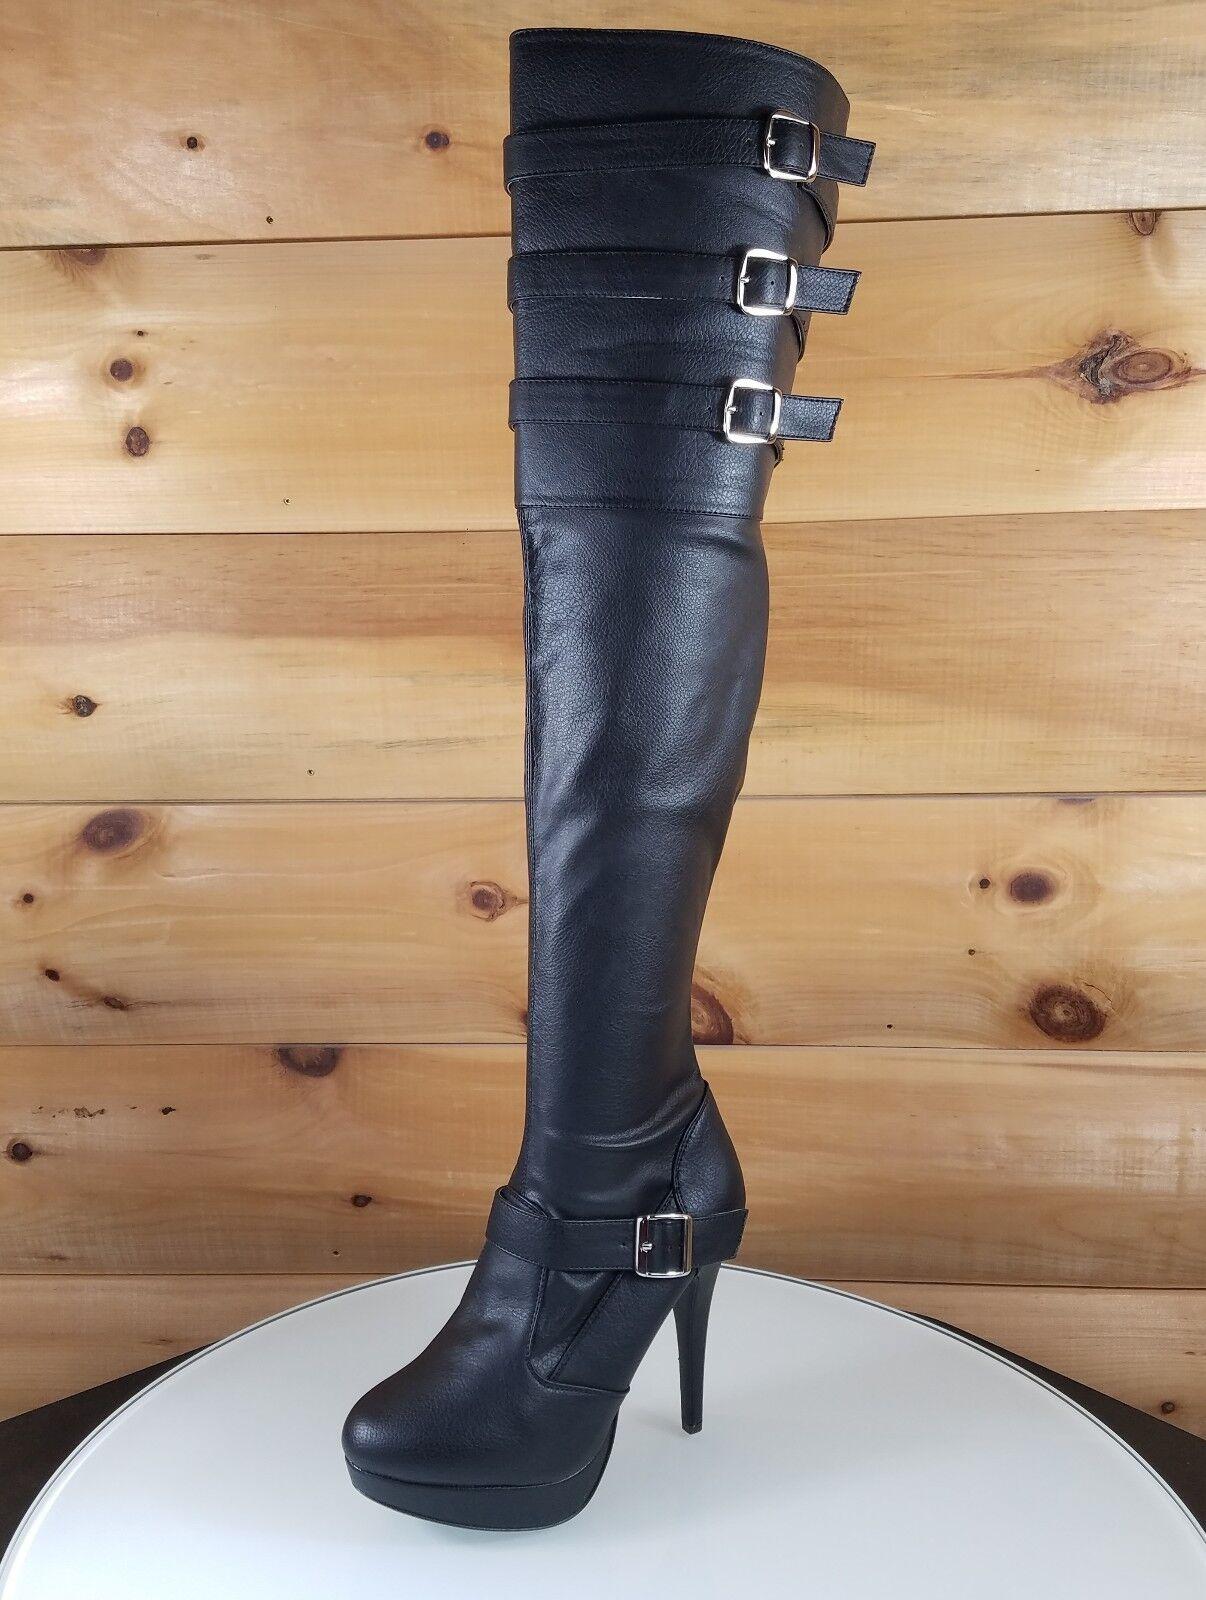 Chloe alto del muslo talla plus negro botas de eje de ancho Ancho de Cuero Sintético 9-16